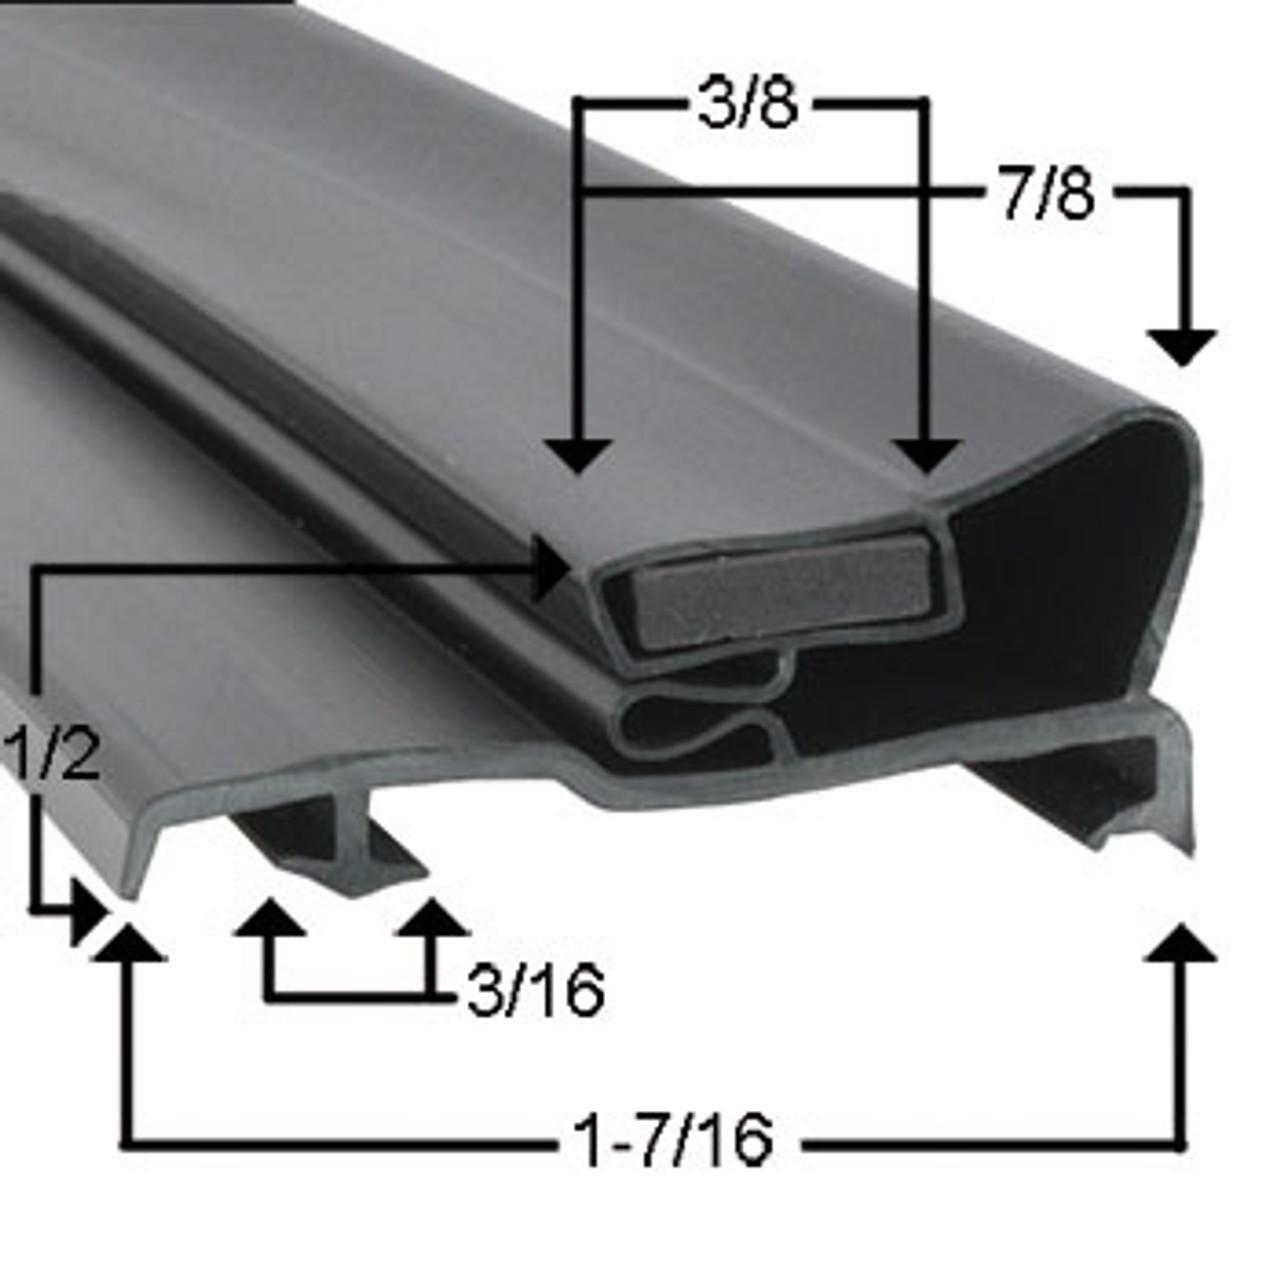 Ardco Door Gasket Profile 290 24 5/16 x 60 5/8